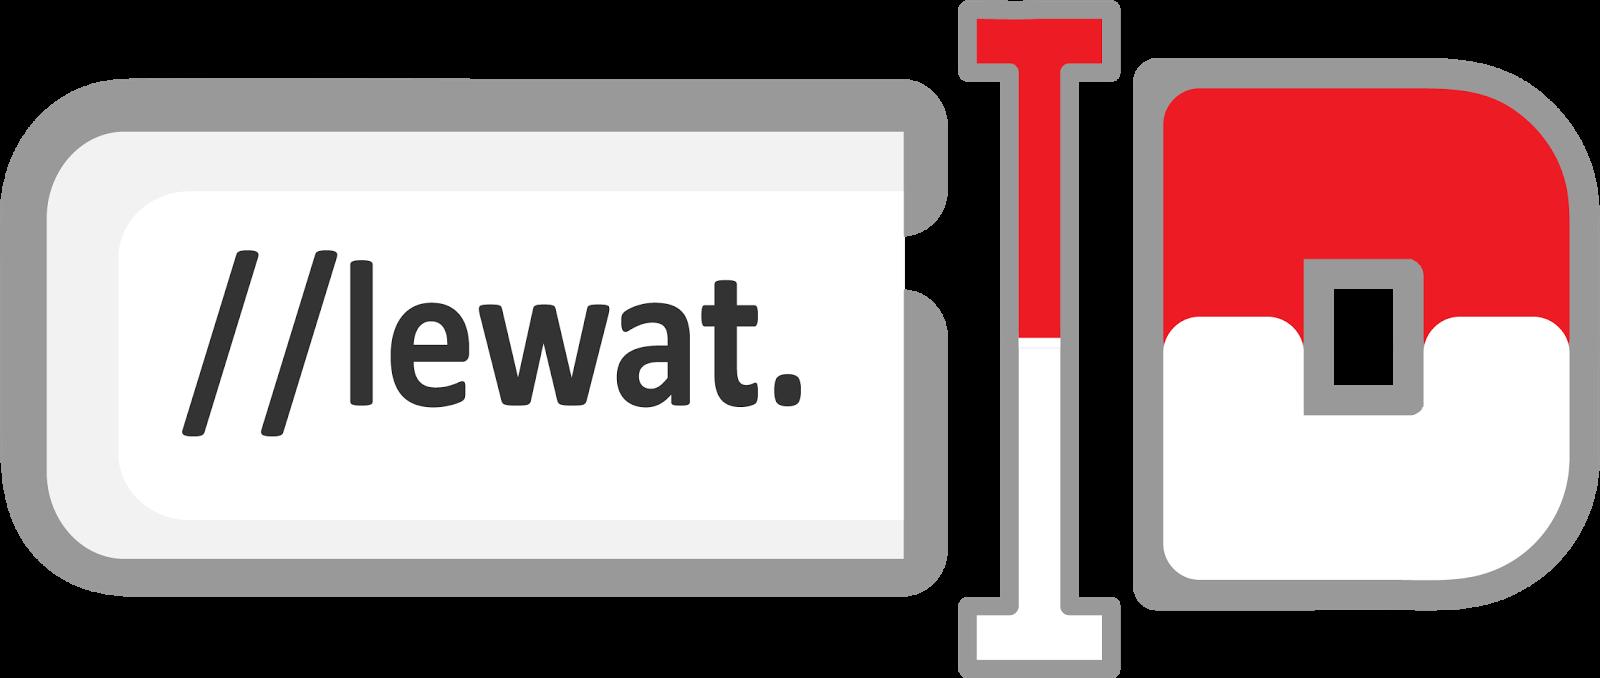 Lewat ID